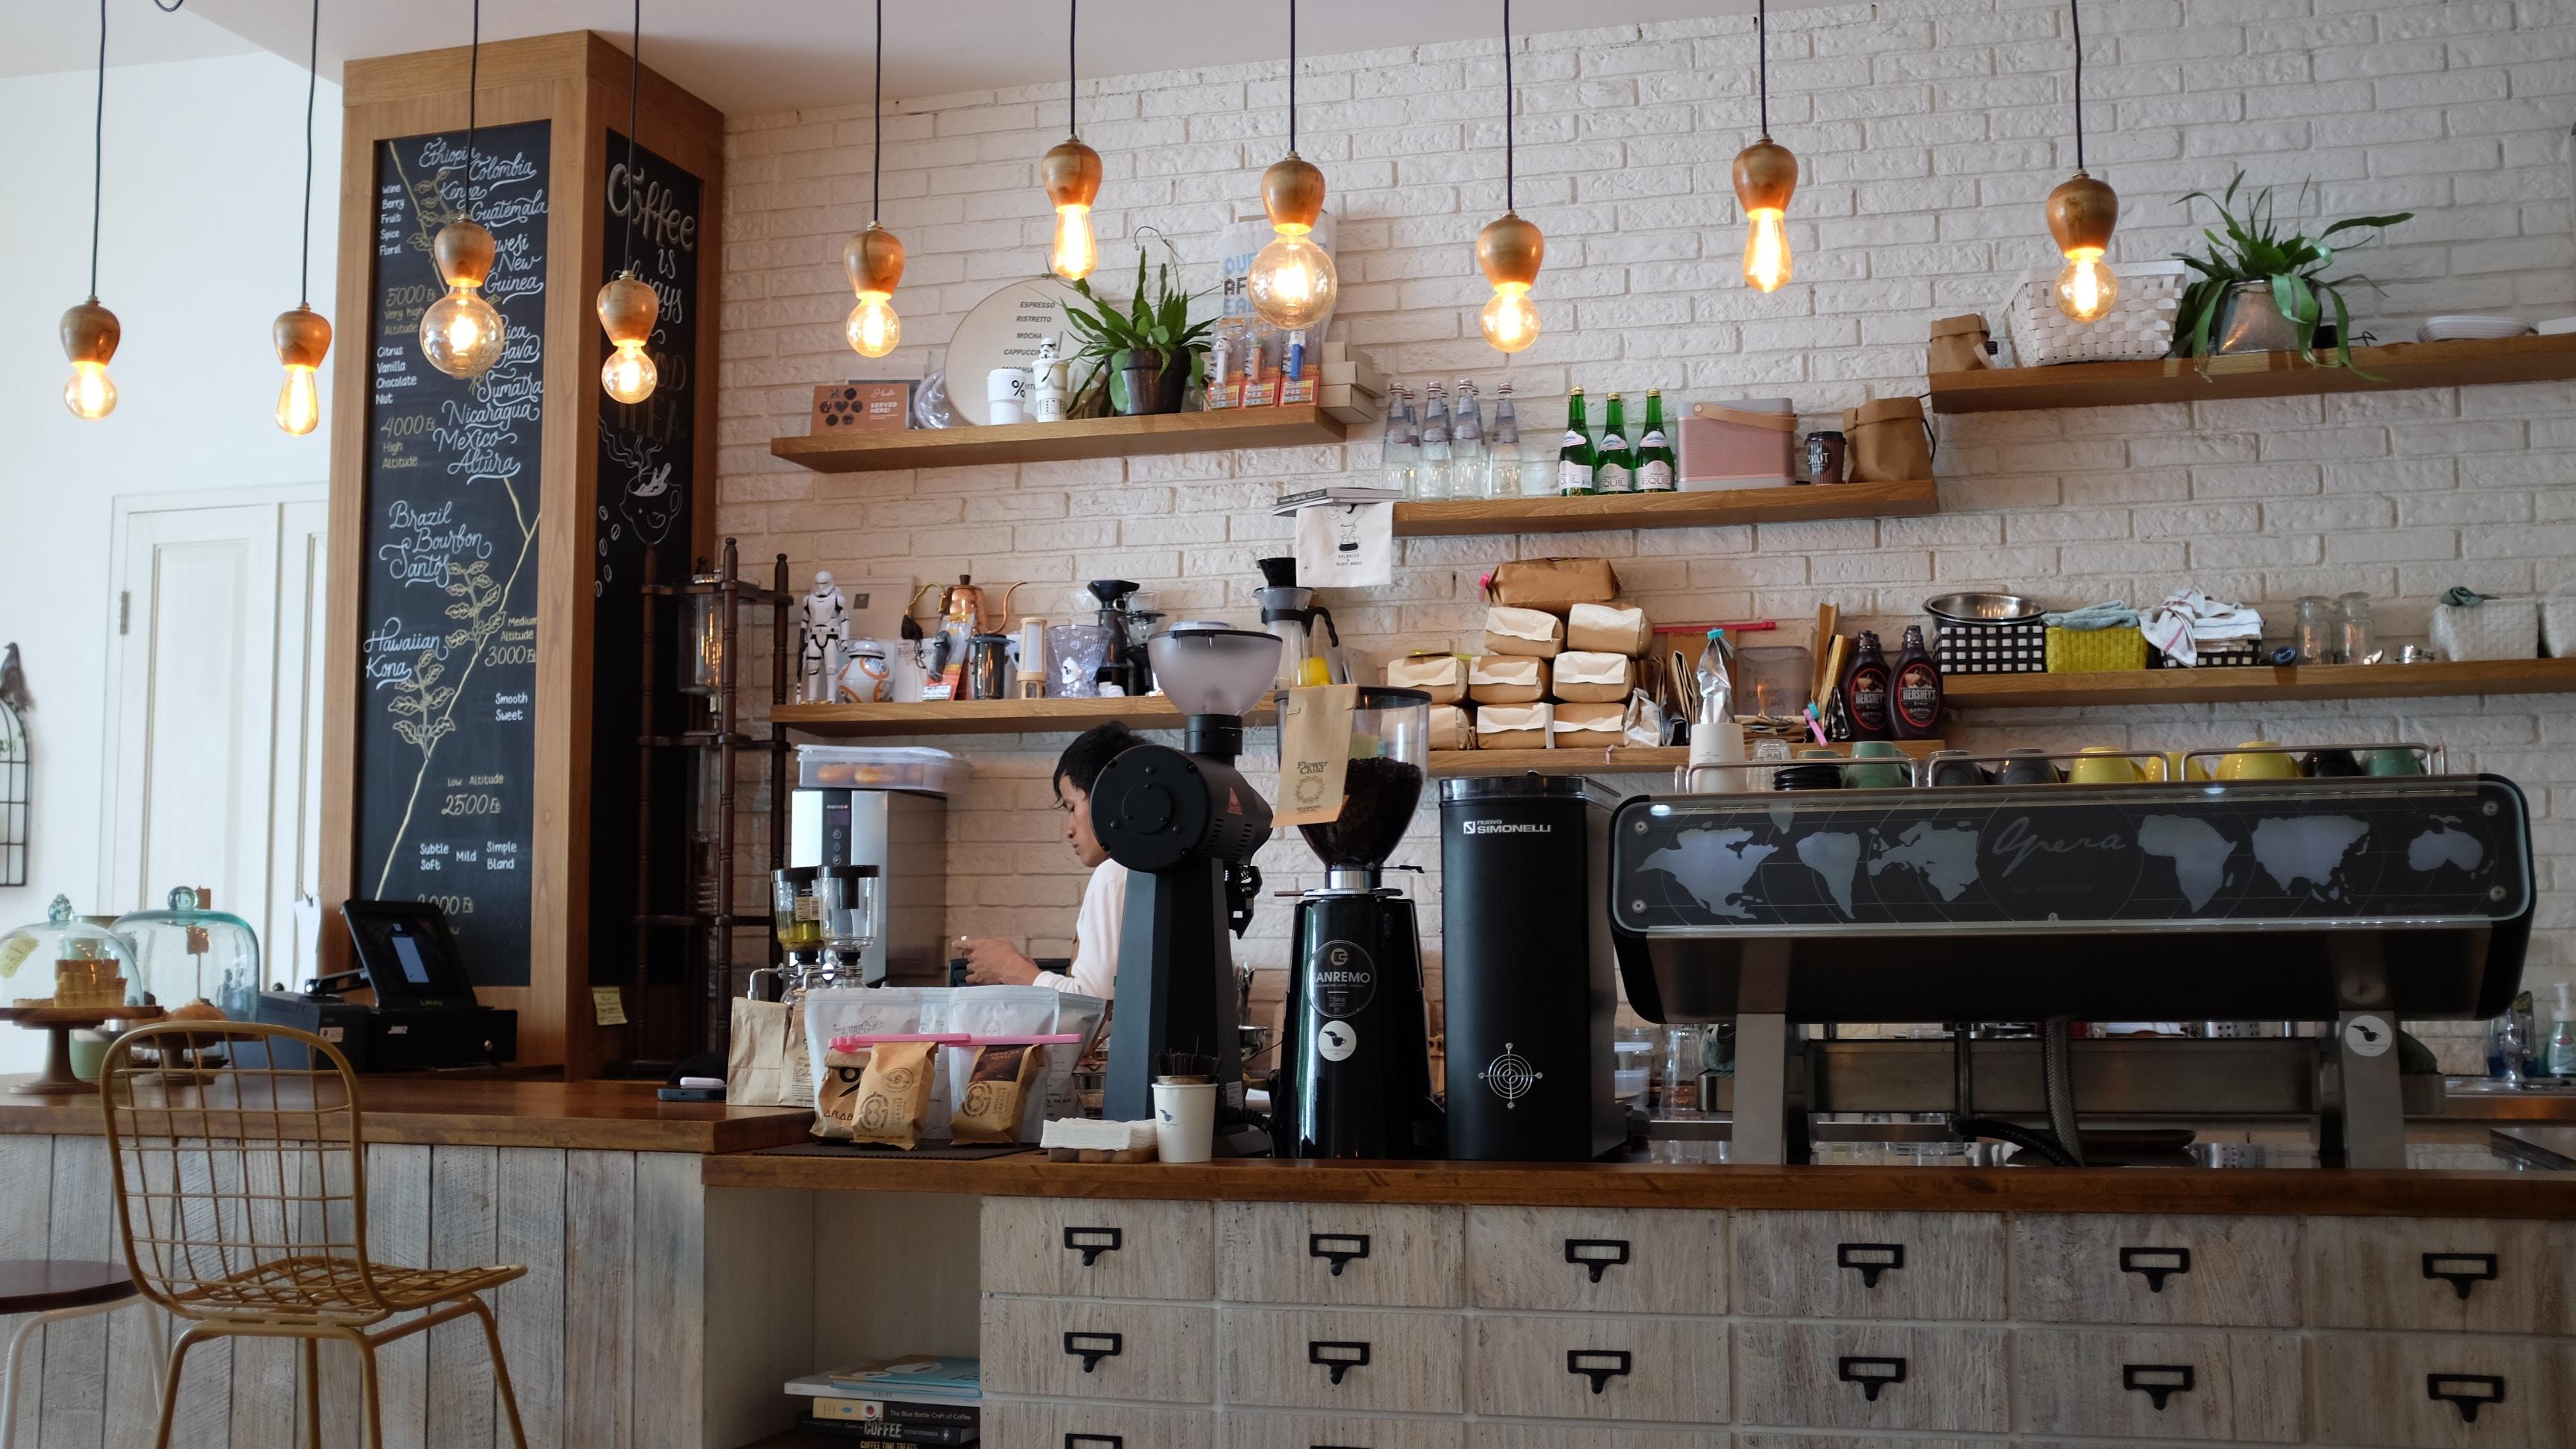 kawiarnia, najlepsze miejsce do zakupu kawy ziarnistej